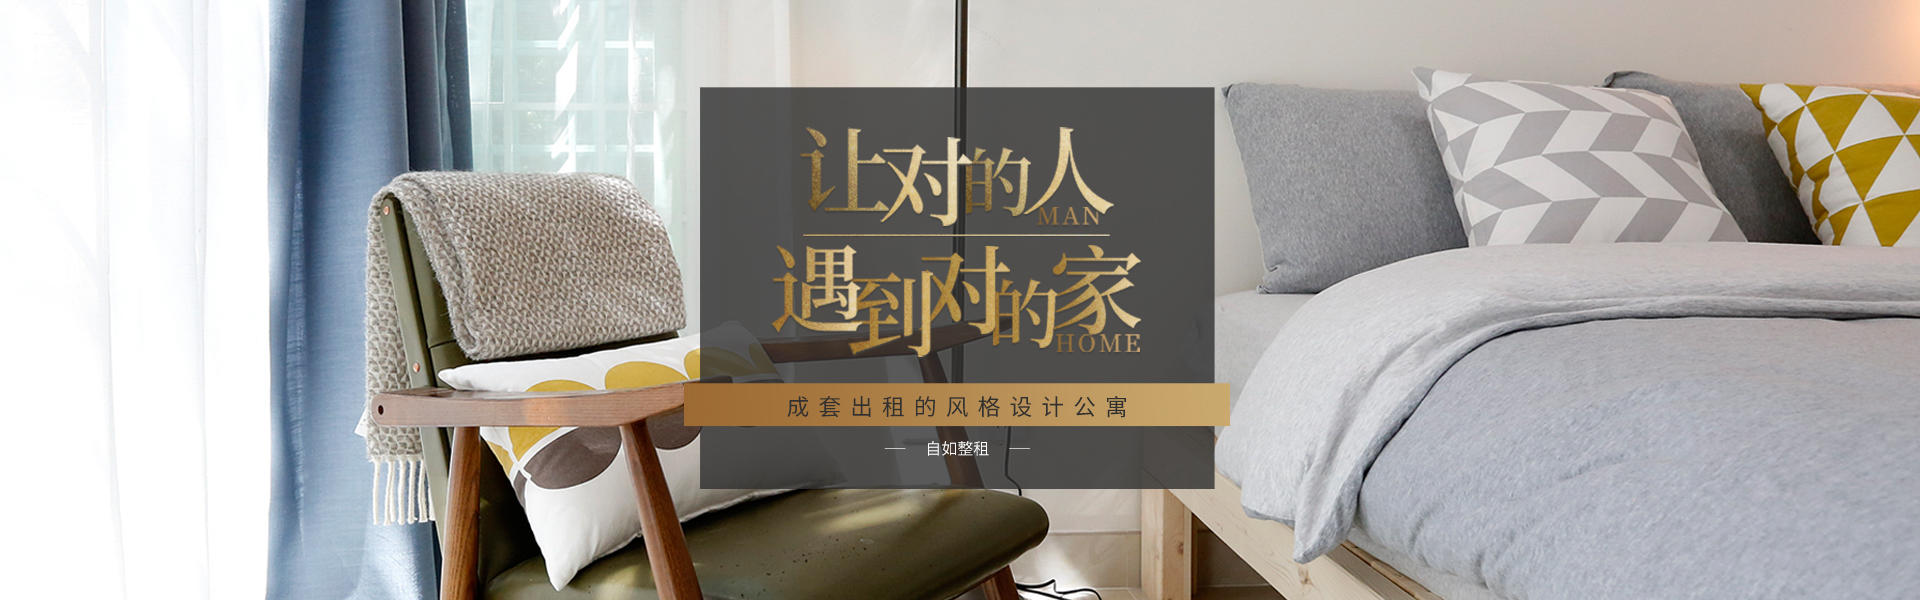 北京租房,北京白领公寓合租 出租,100%实景拍摄【自如网】